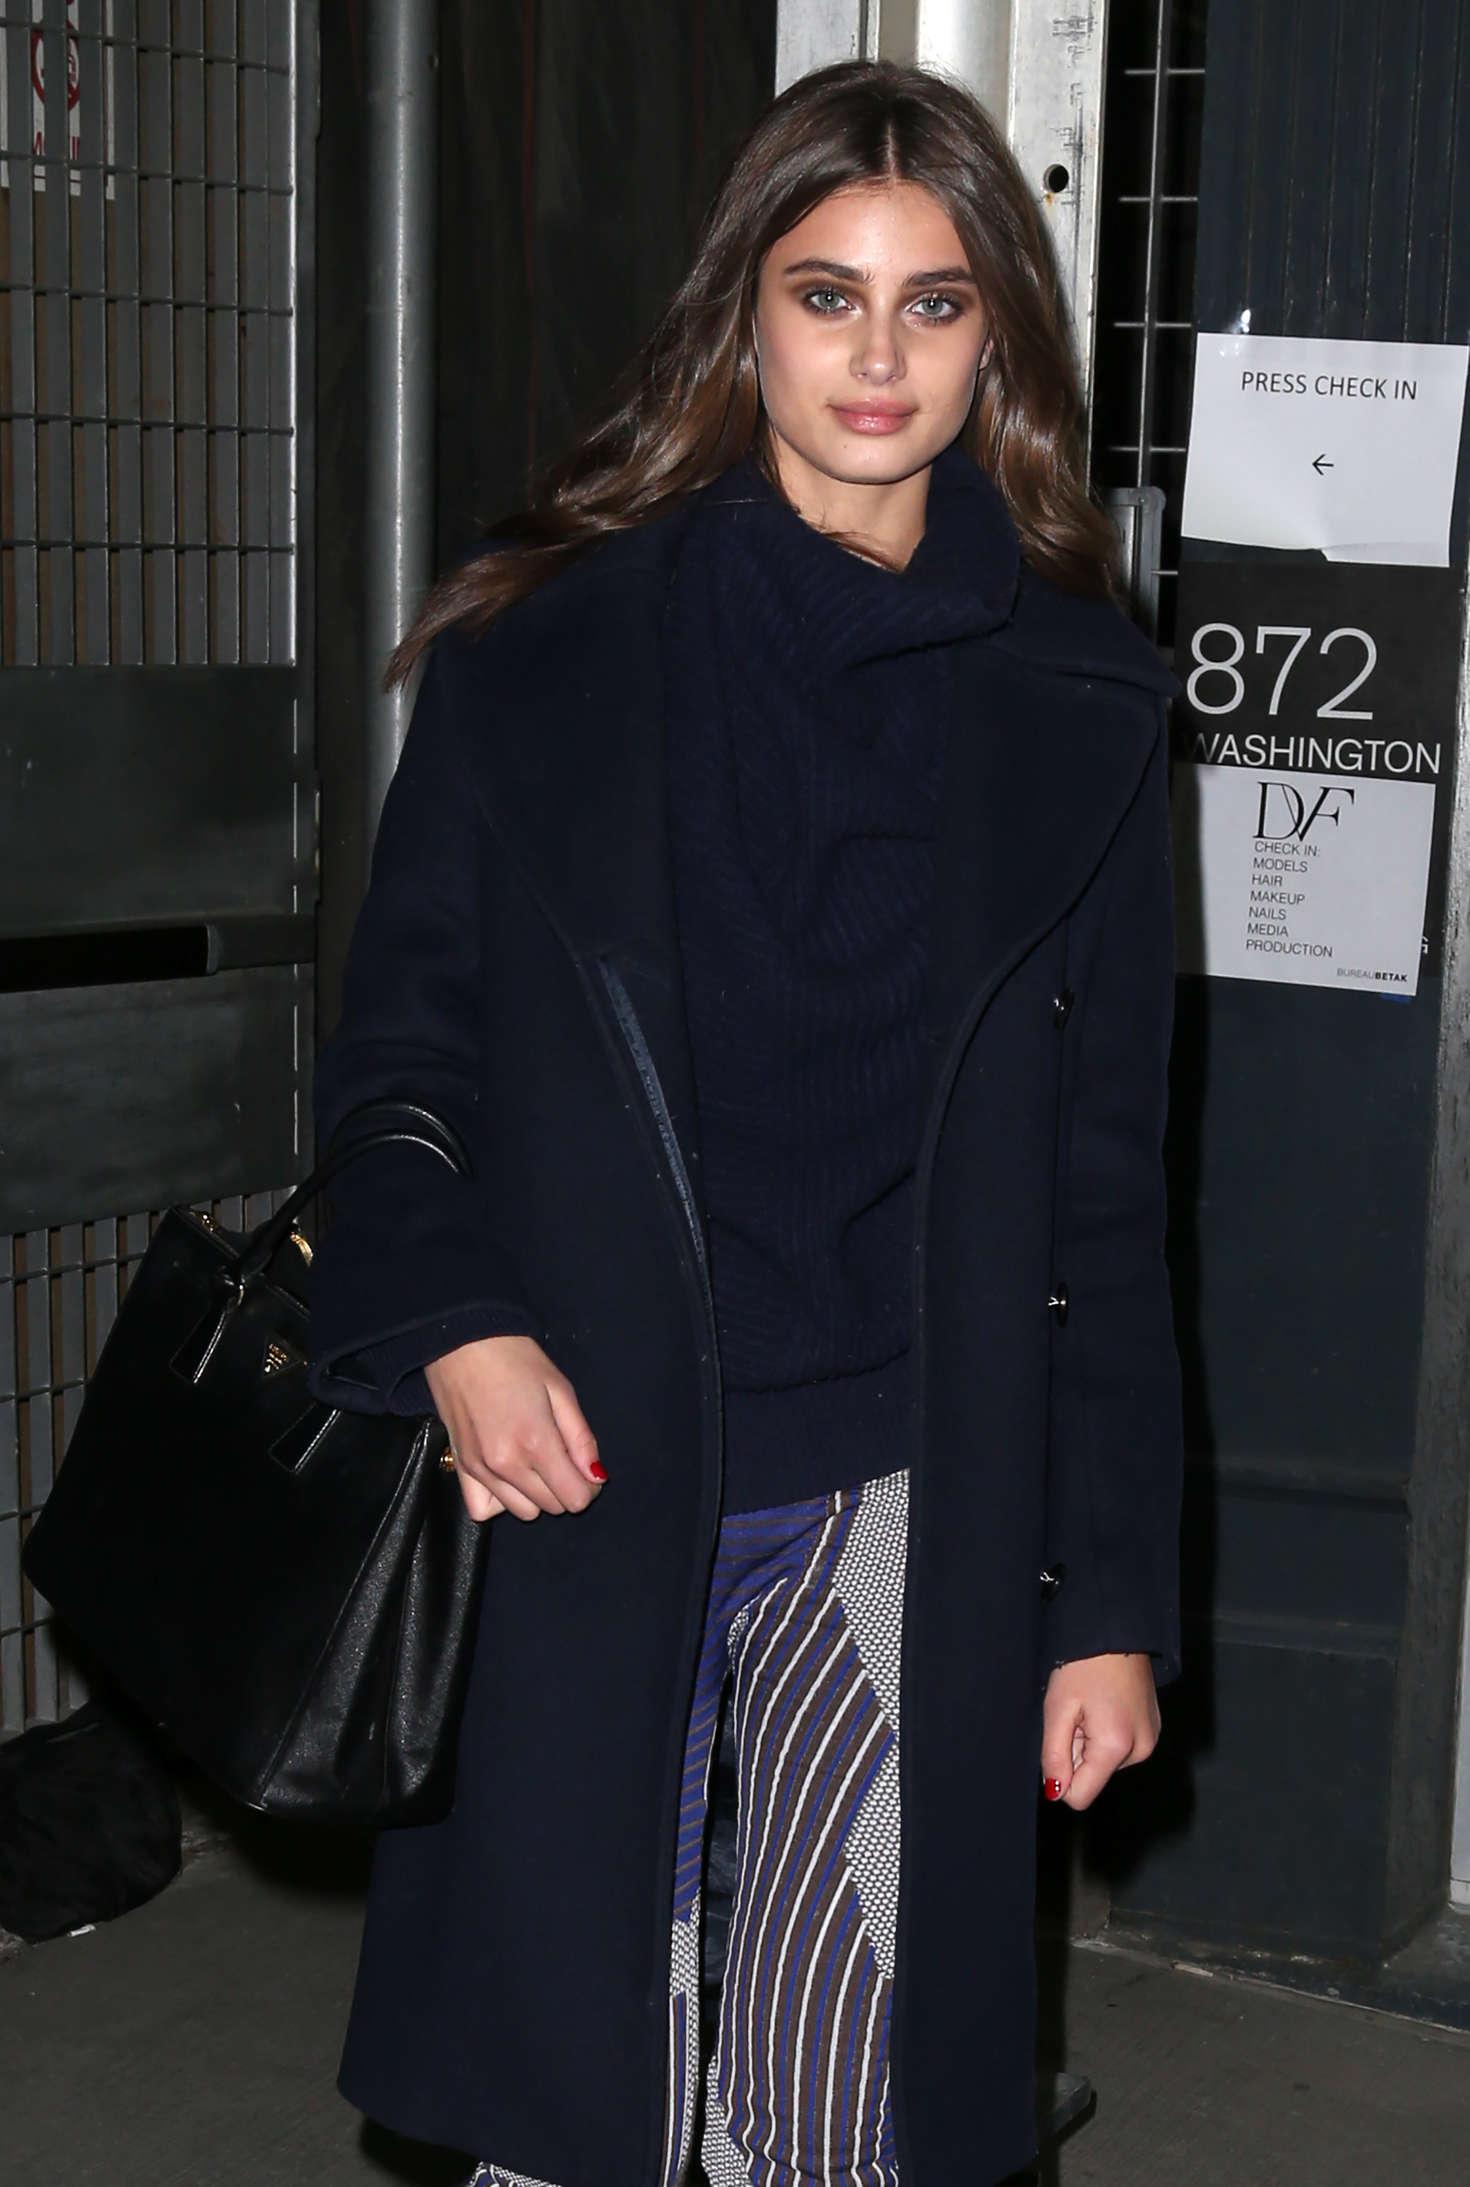 Taylor hill at diane von furstenberg fashion show in new york for Diane von furstenberg new york